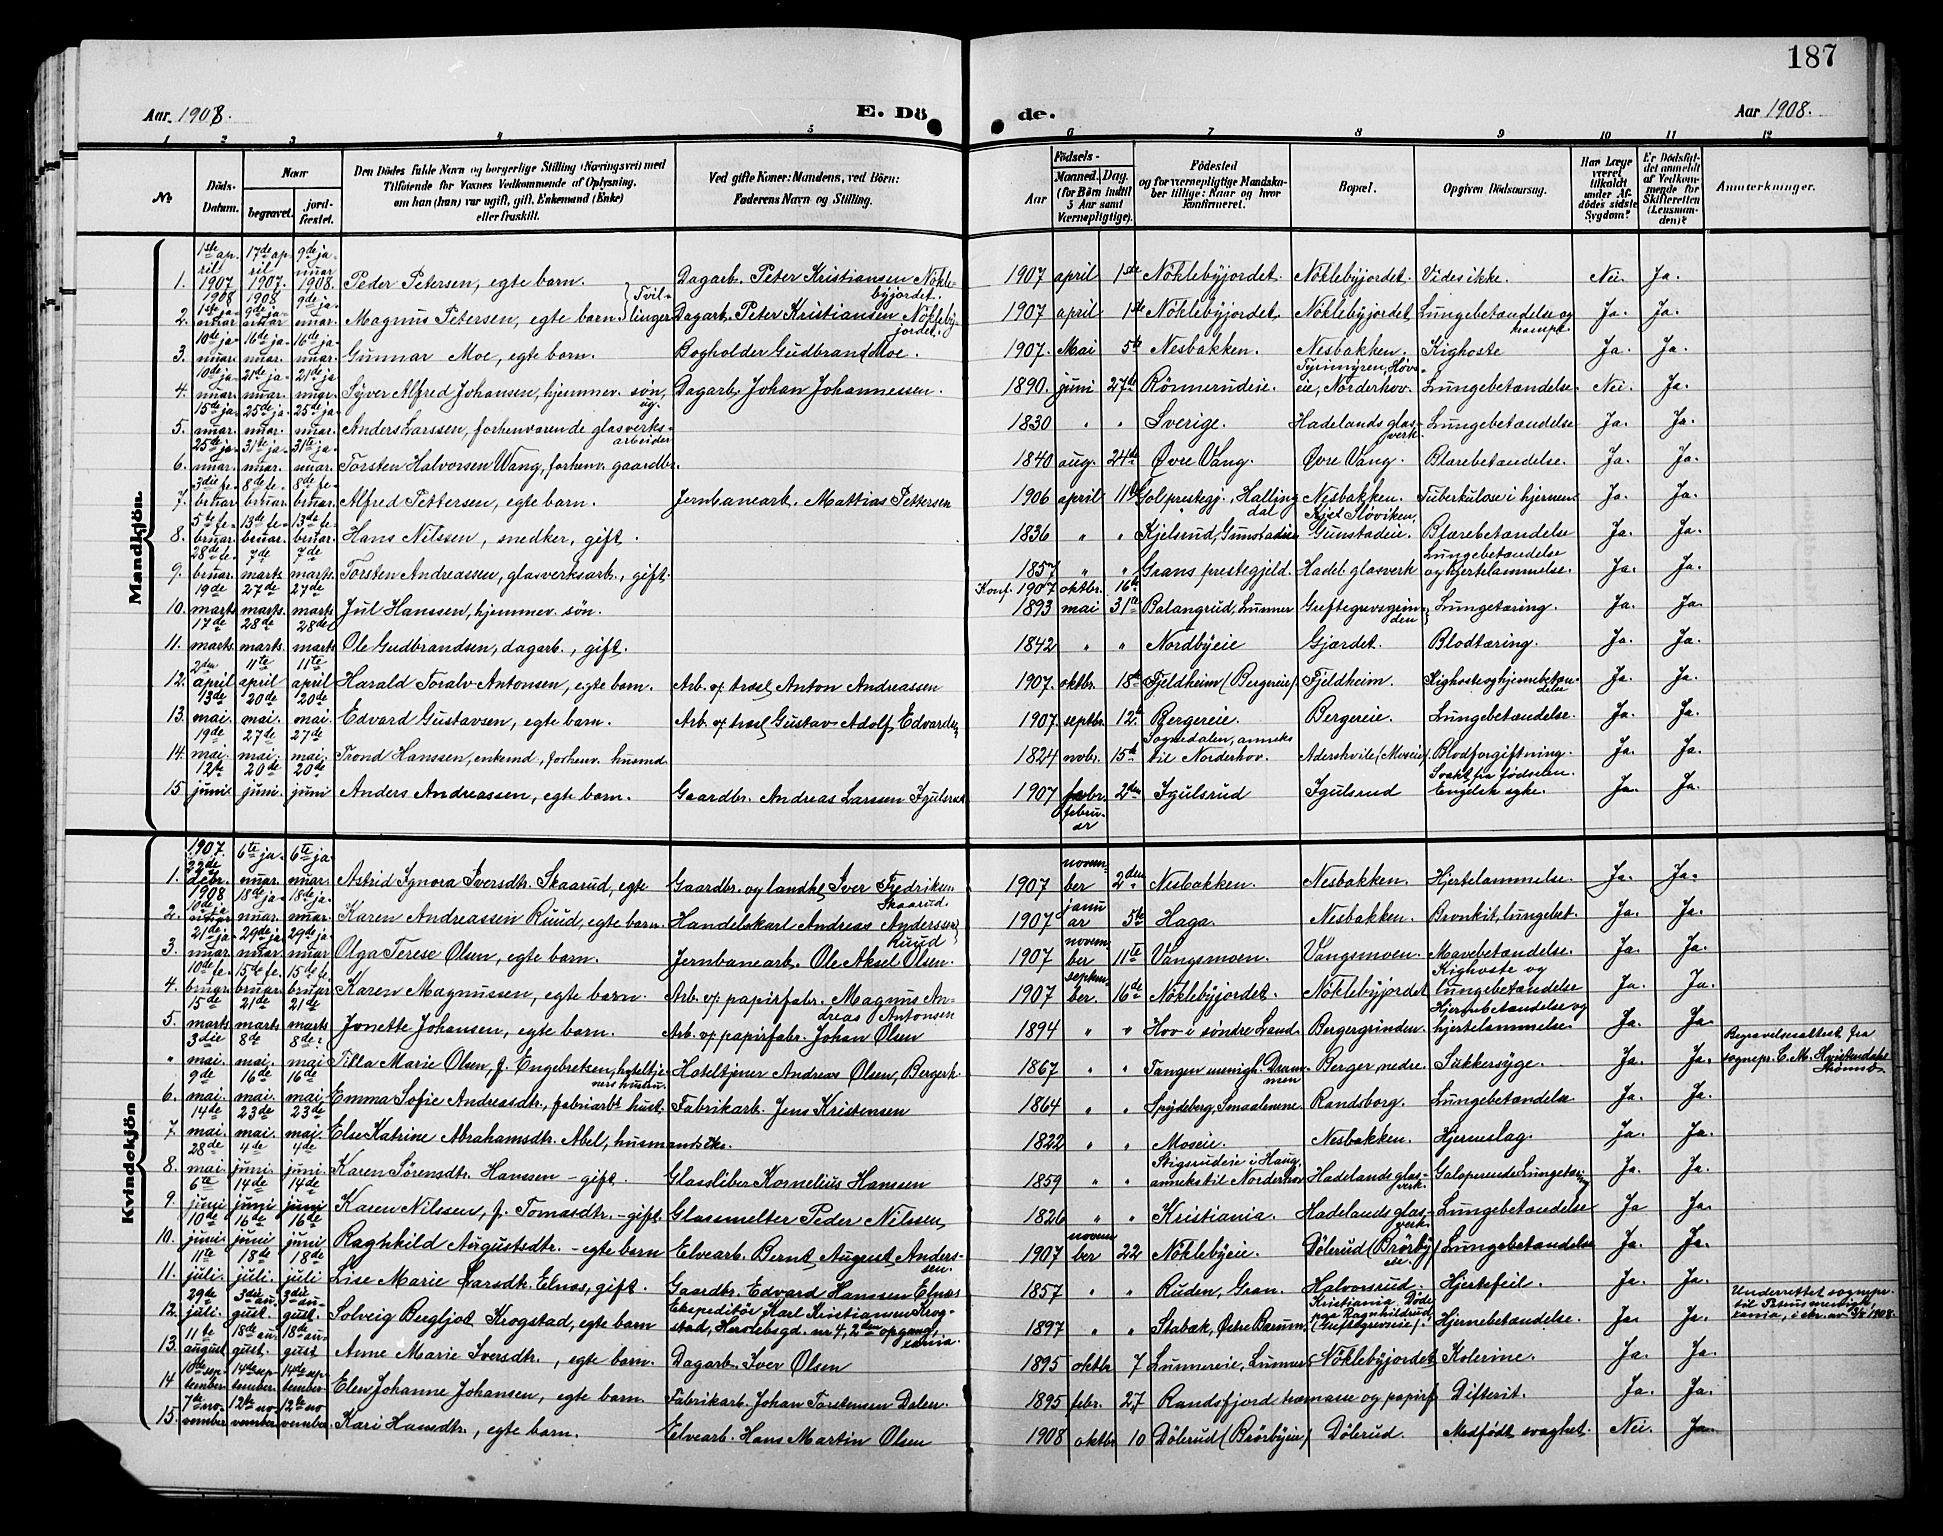 SAH, Jevnaker prestekontor, Klokkerbok nr. 4, 1907-1918, s. 187